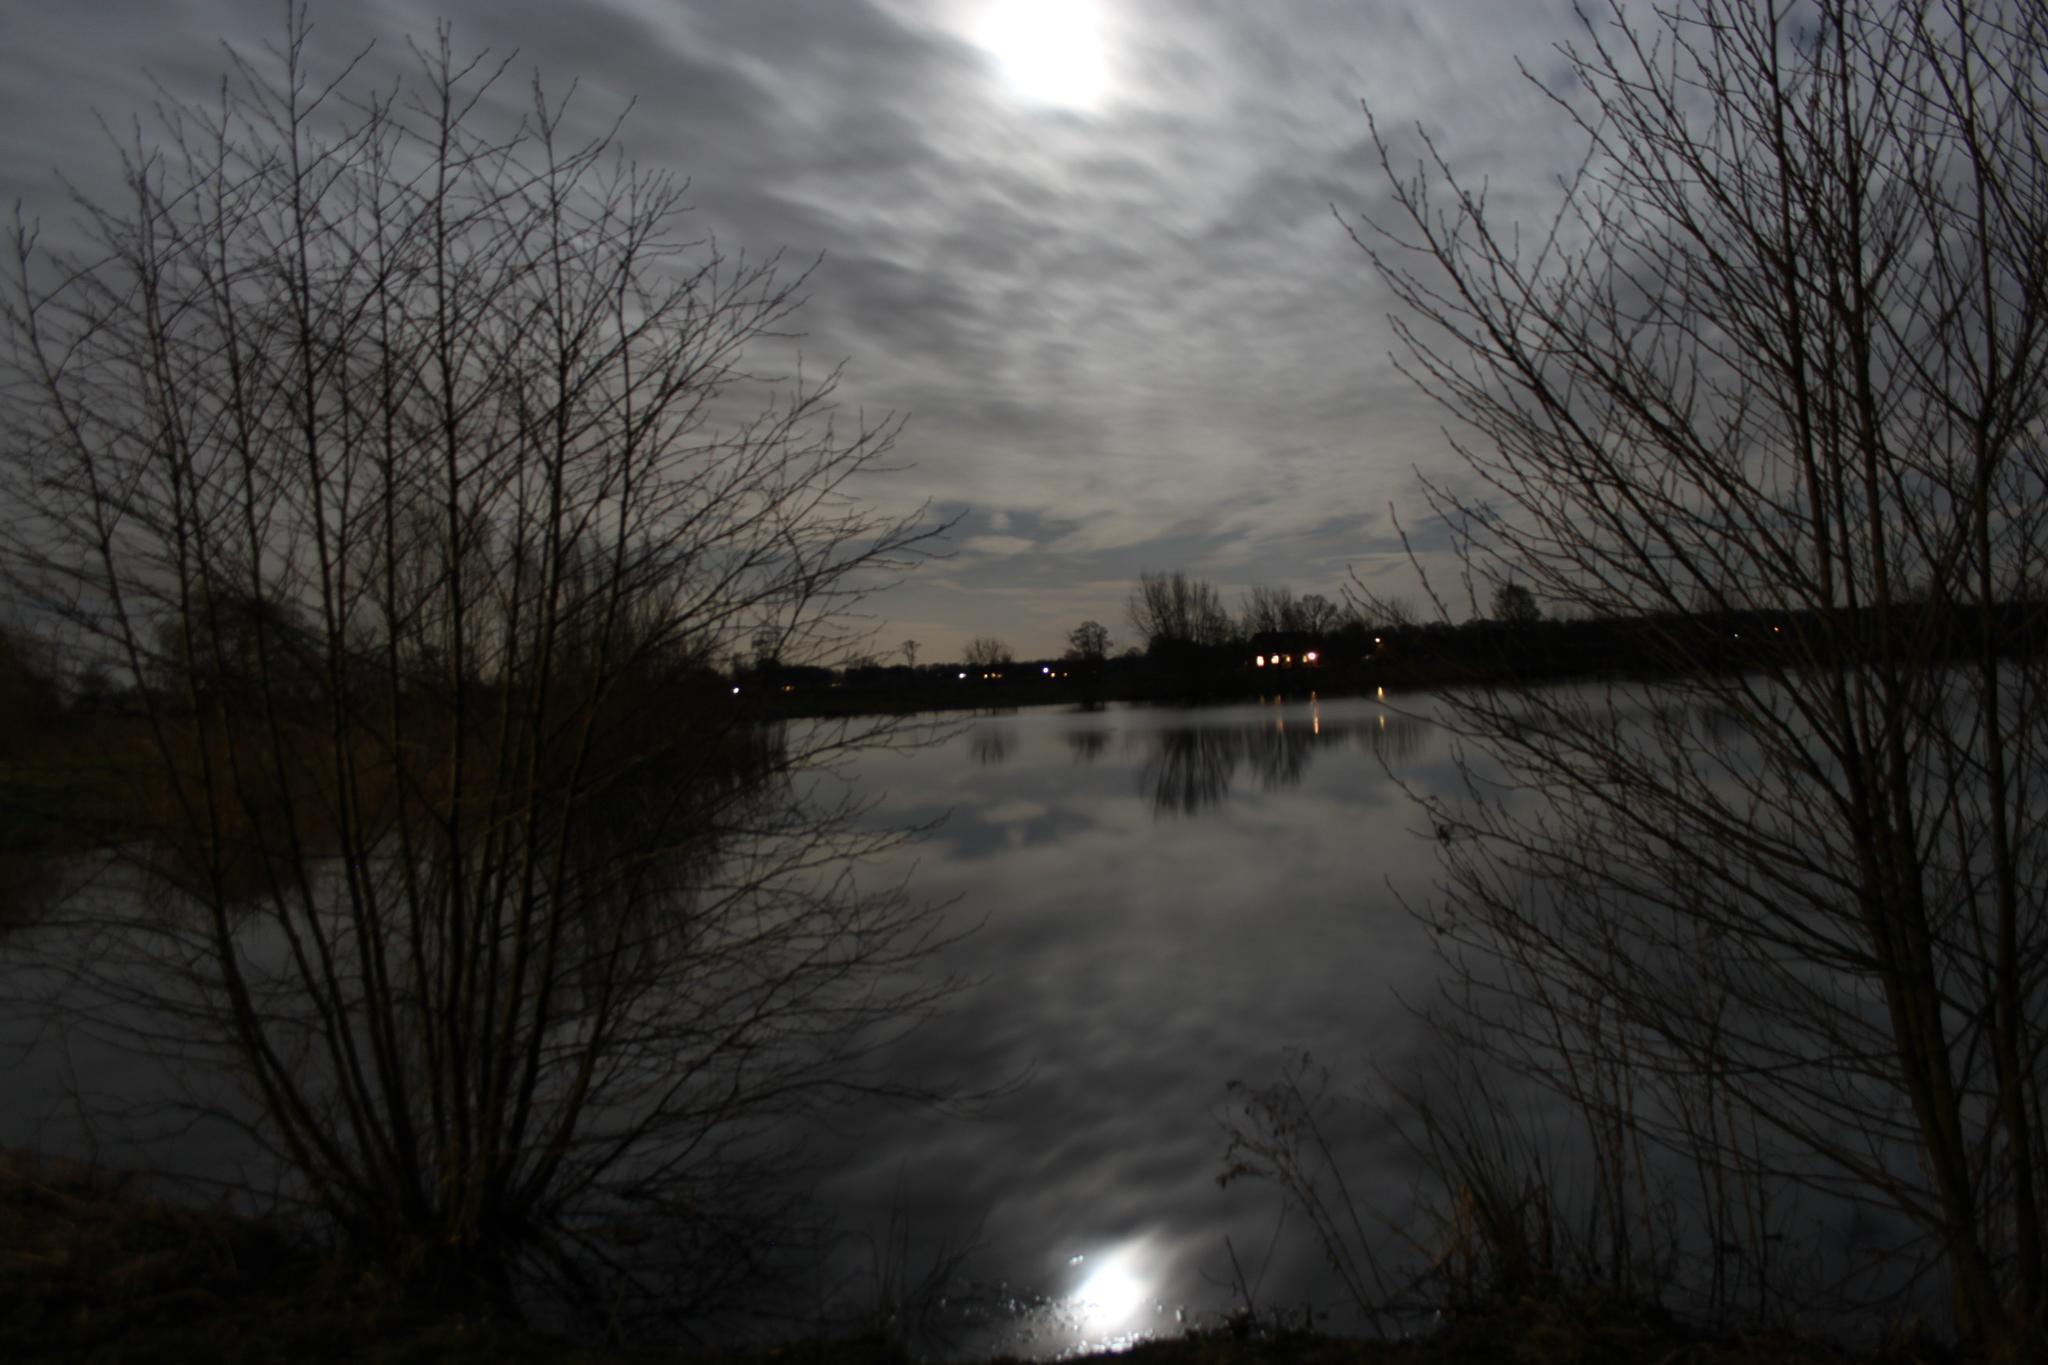 Moonlight at Raalte by Sijb Huijser